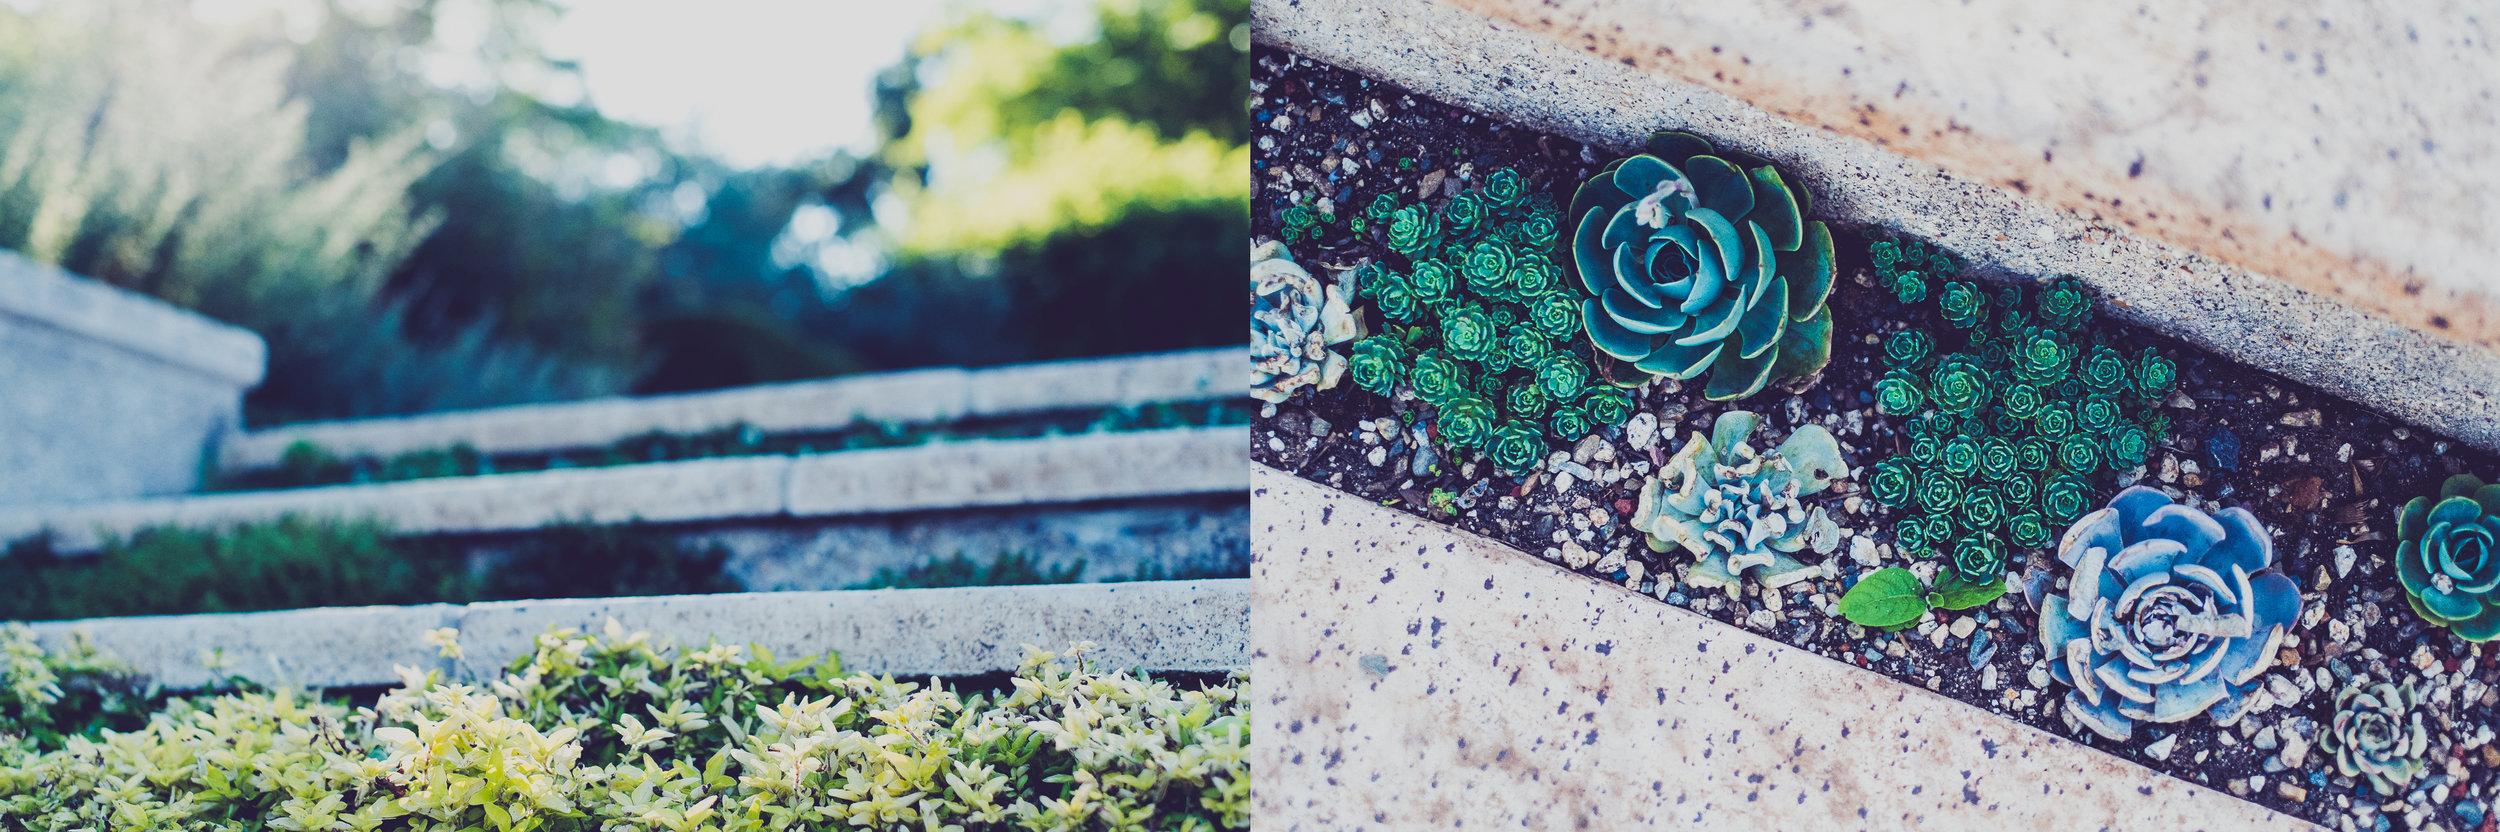 VML garden staircase & succulents